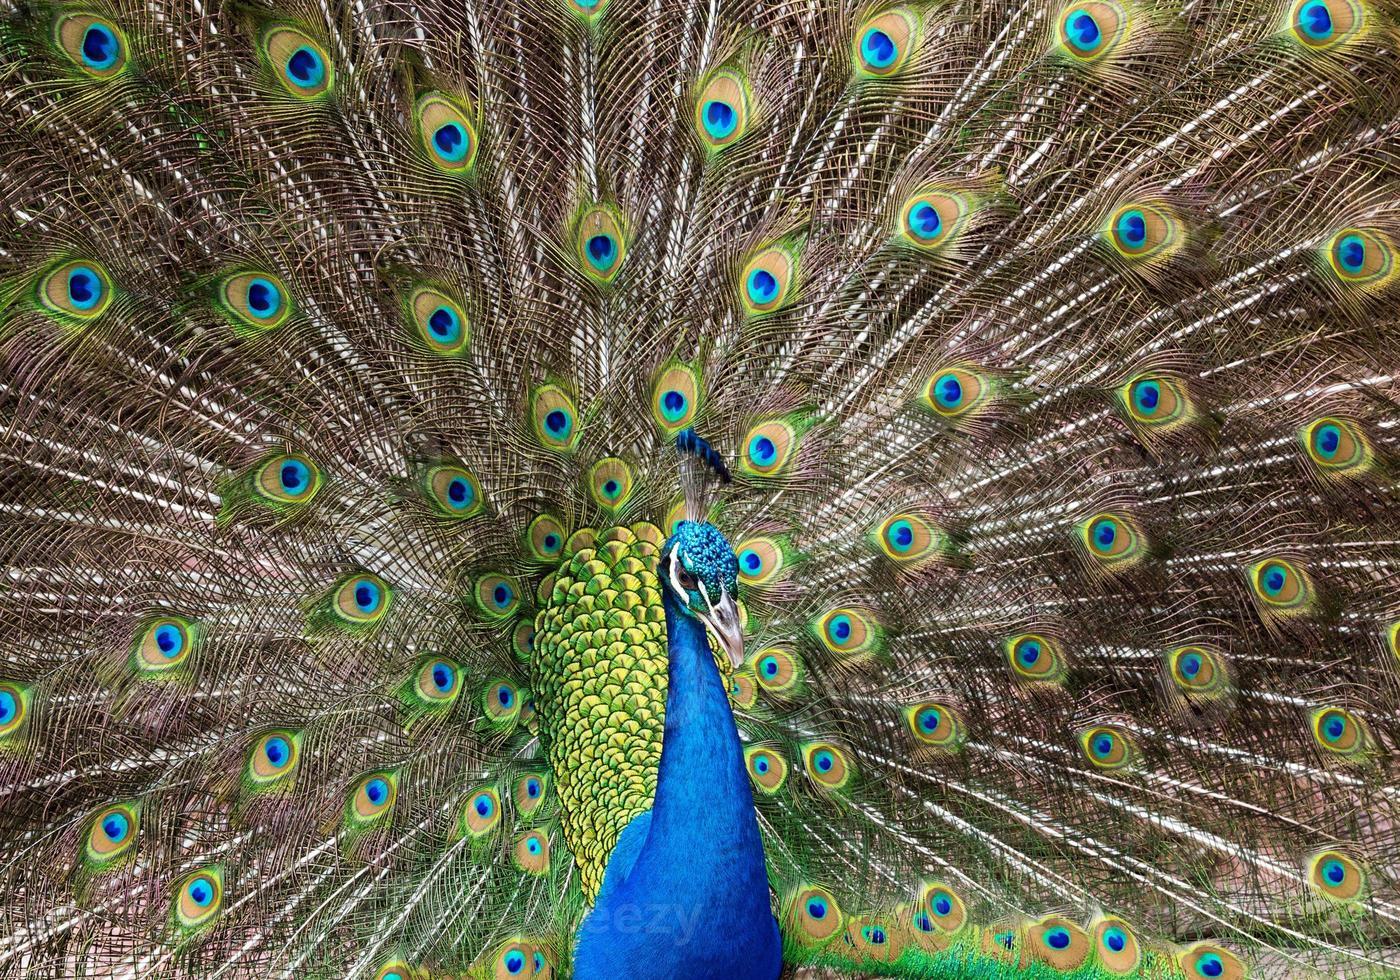 påfågelfjädrar vackert fördelade. foto